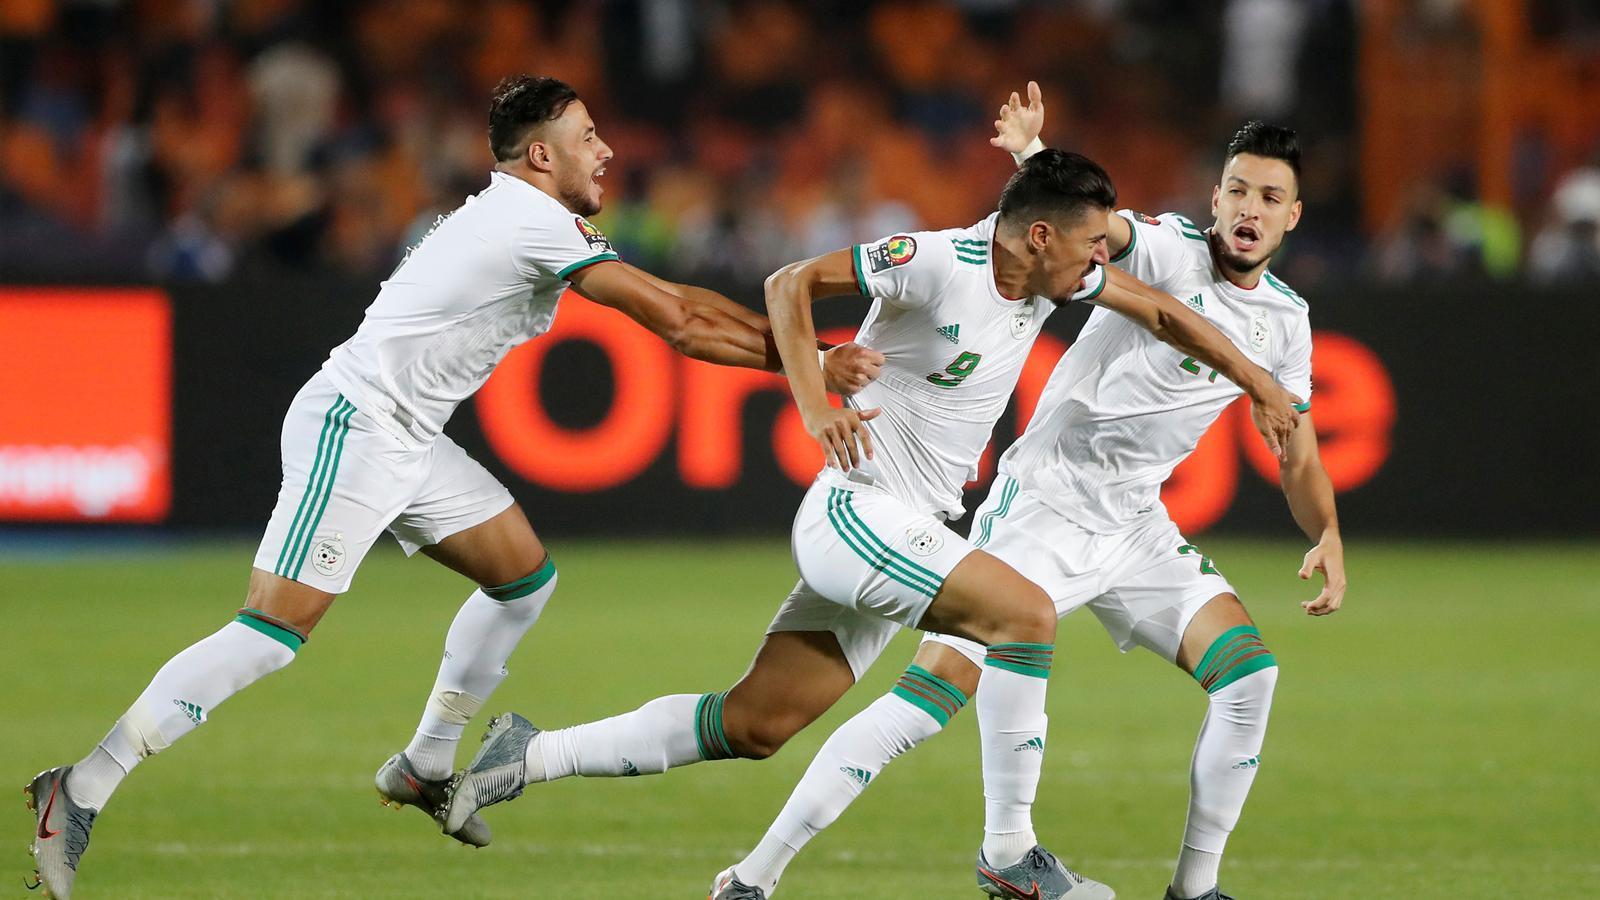 L'autor de l'únic gol del partit, Baghdad Bounedjah